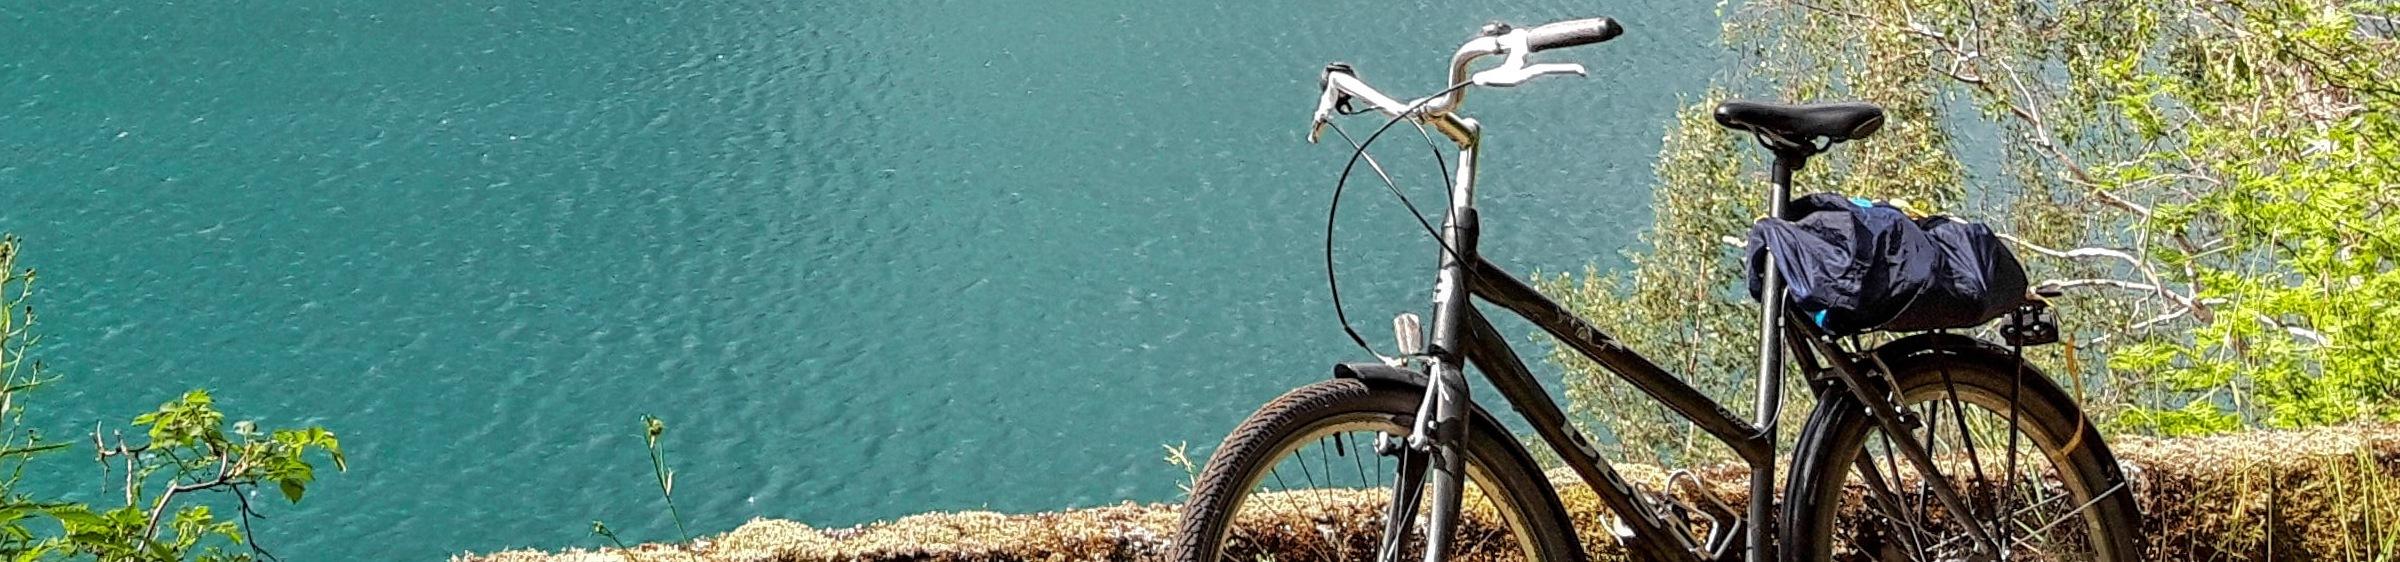 Bike in a sunny region